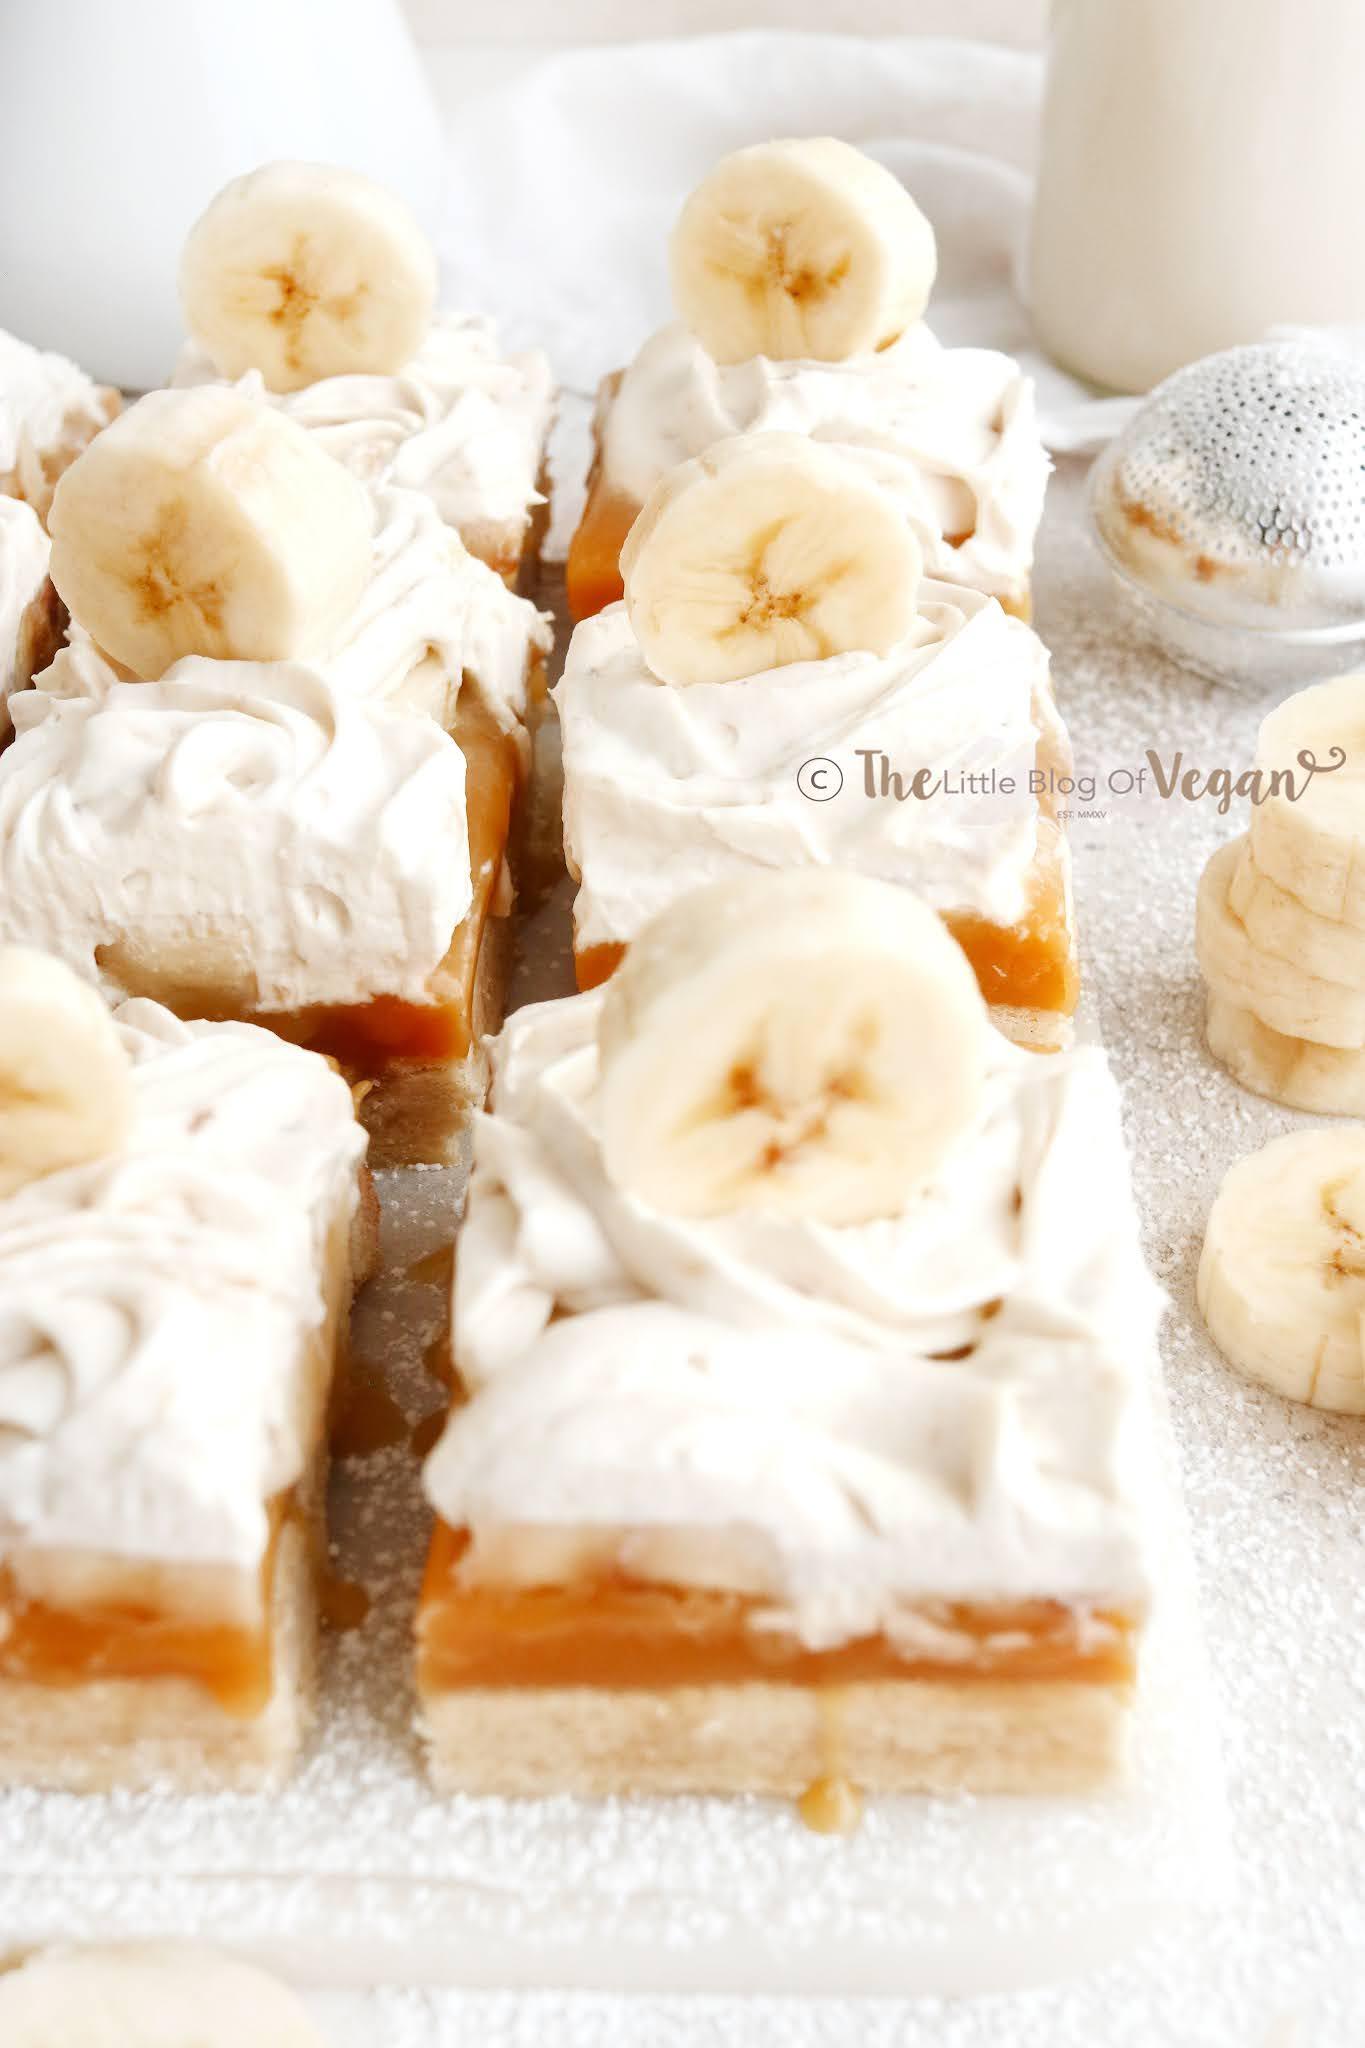 banana caramel bars